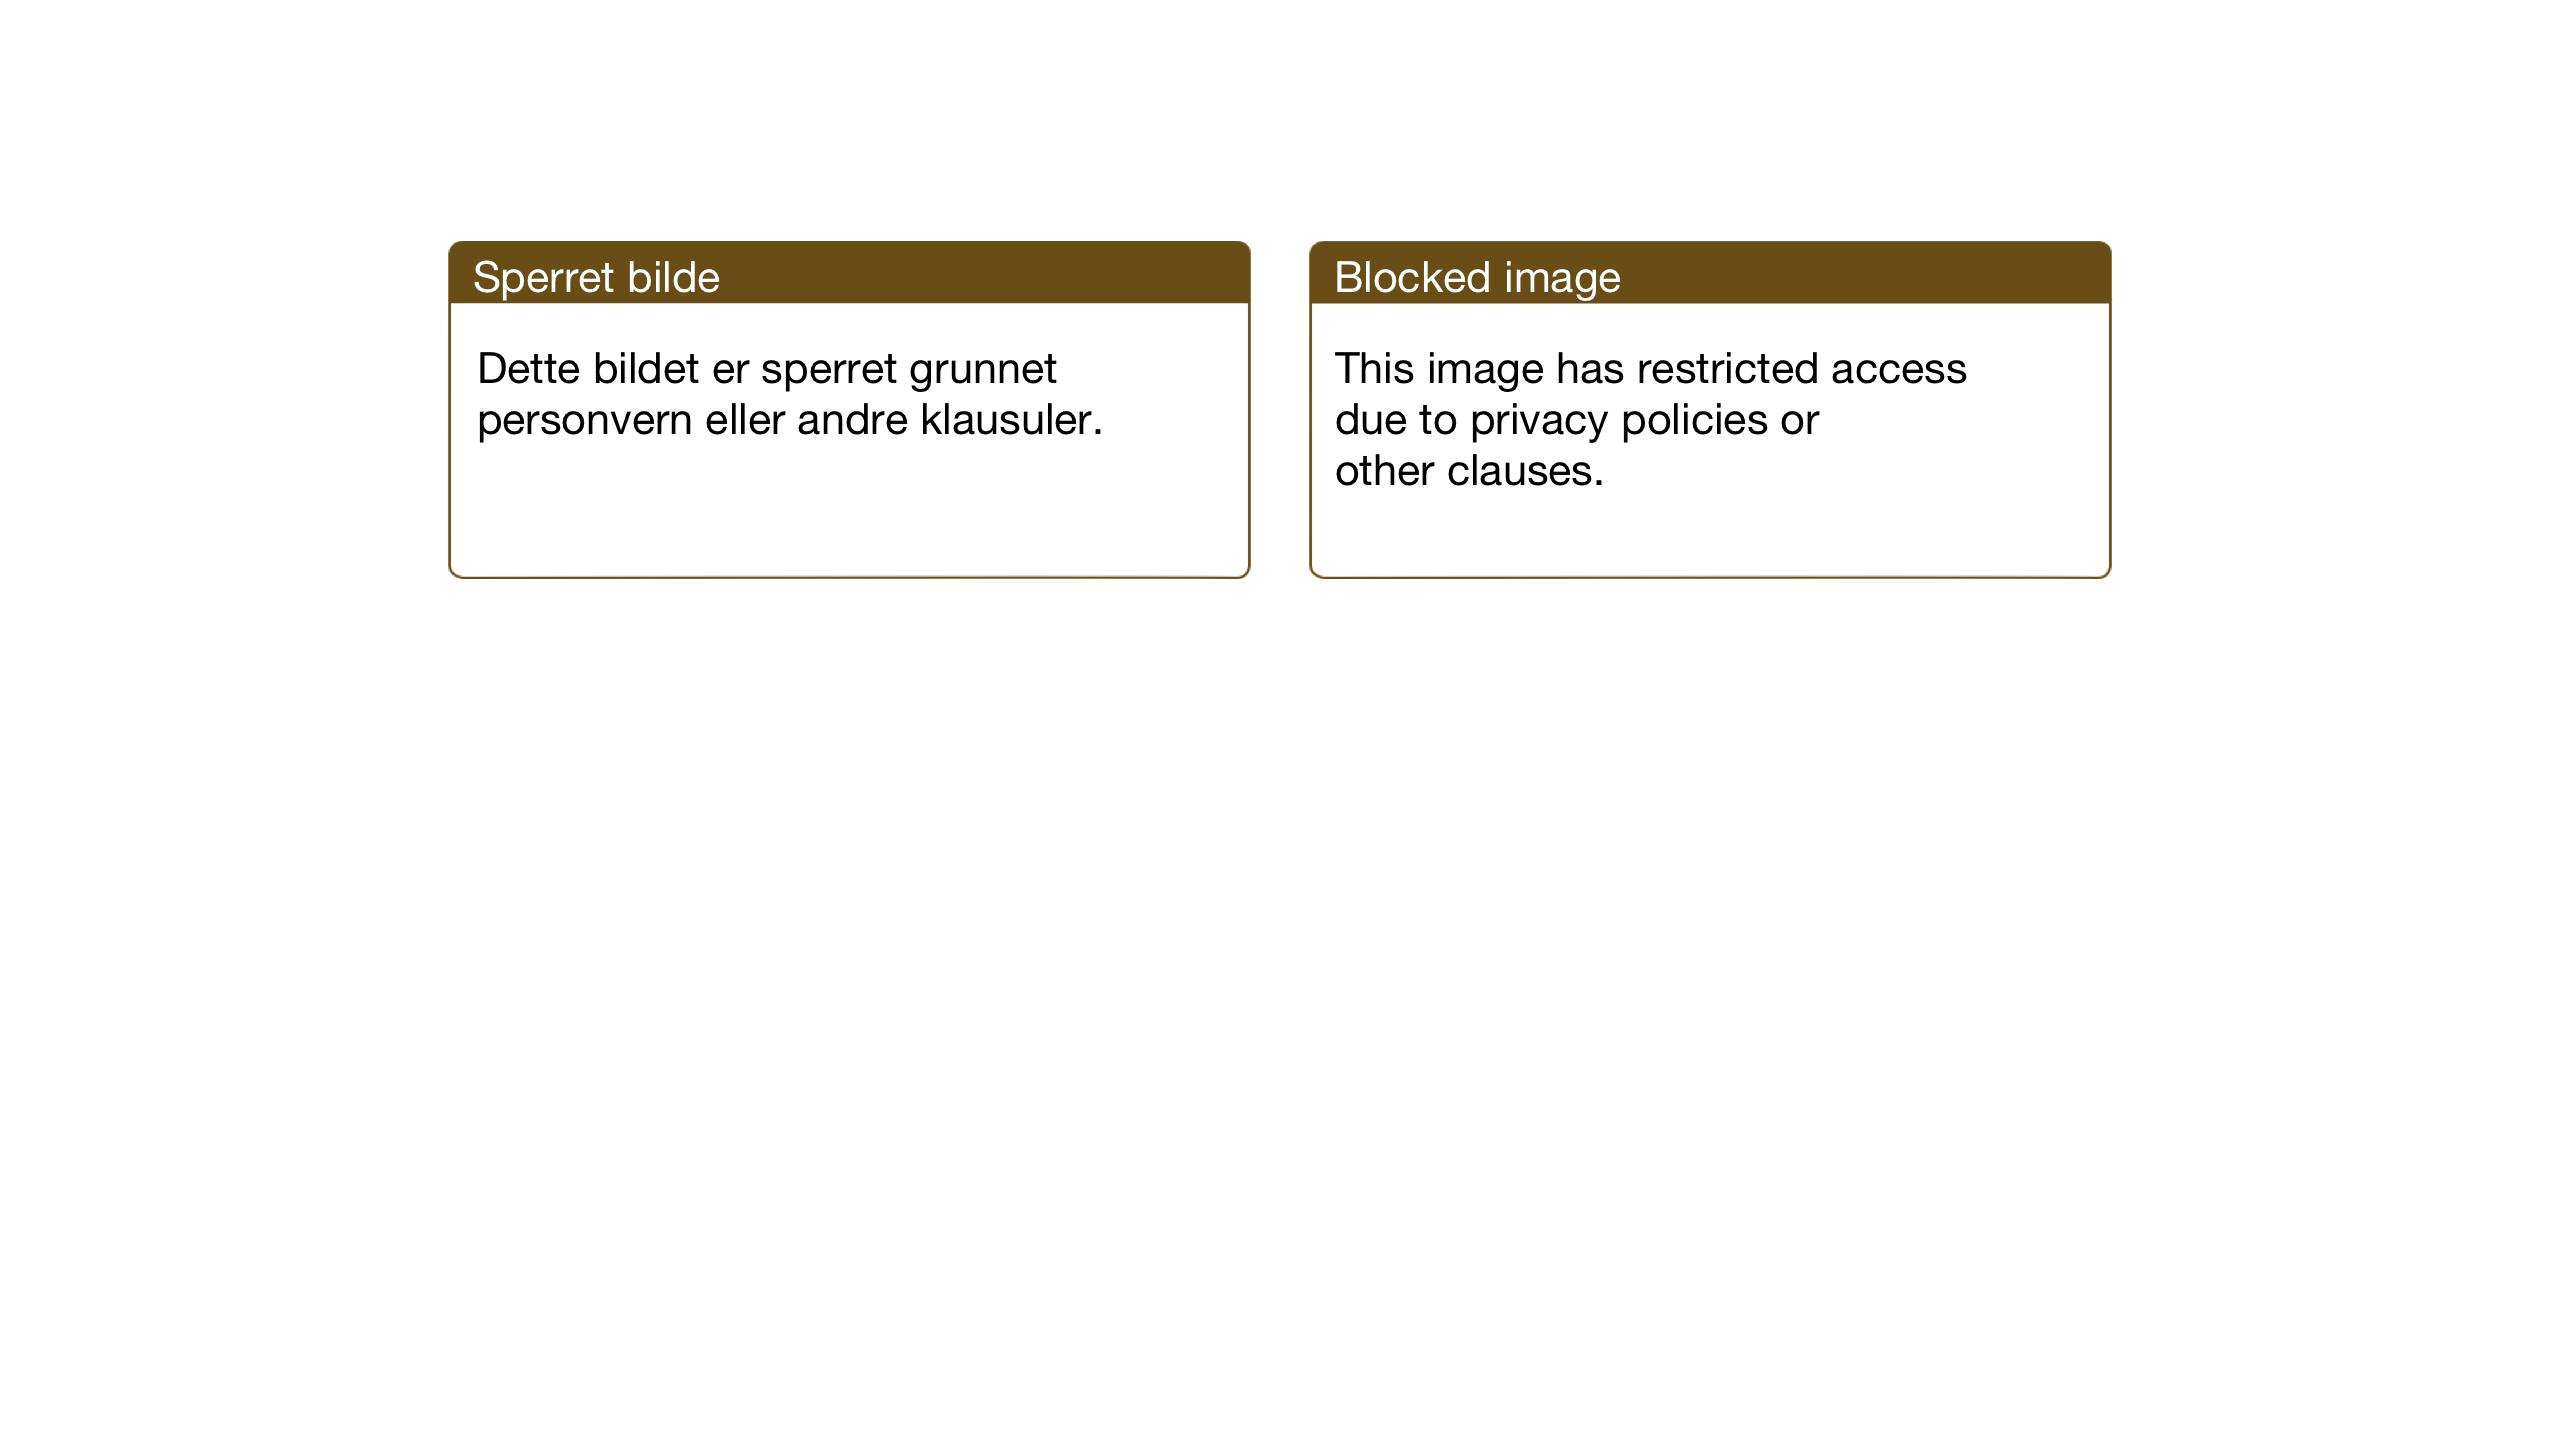 SAT, Ministerialprotokoller, klokkerbøker og fødselsregistre - Sør-Trøndelag, 659/L0750: Klokkerbok nr. 659C07, 1914-1940, s. 15